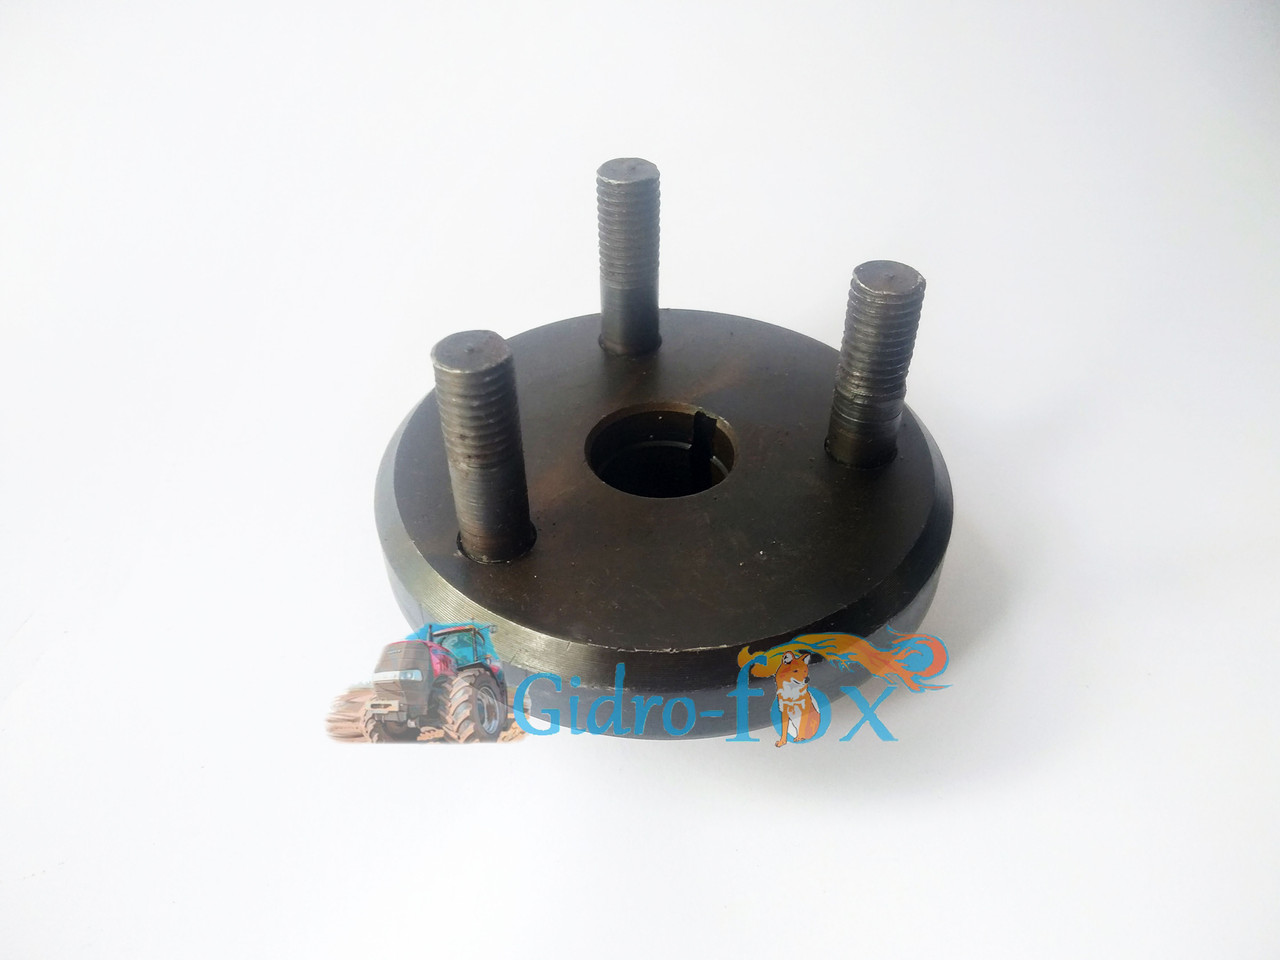 Фланец привода ТНВД МТЗ Д-243, Д-245 (со шпильками) диаметр 25 мм Кт.Н. 245-1006320-Г